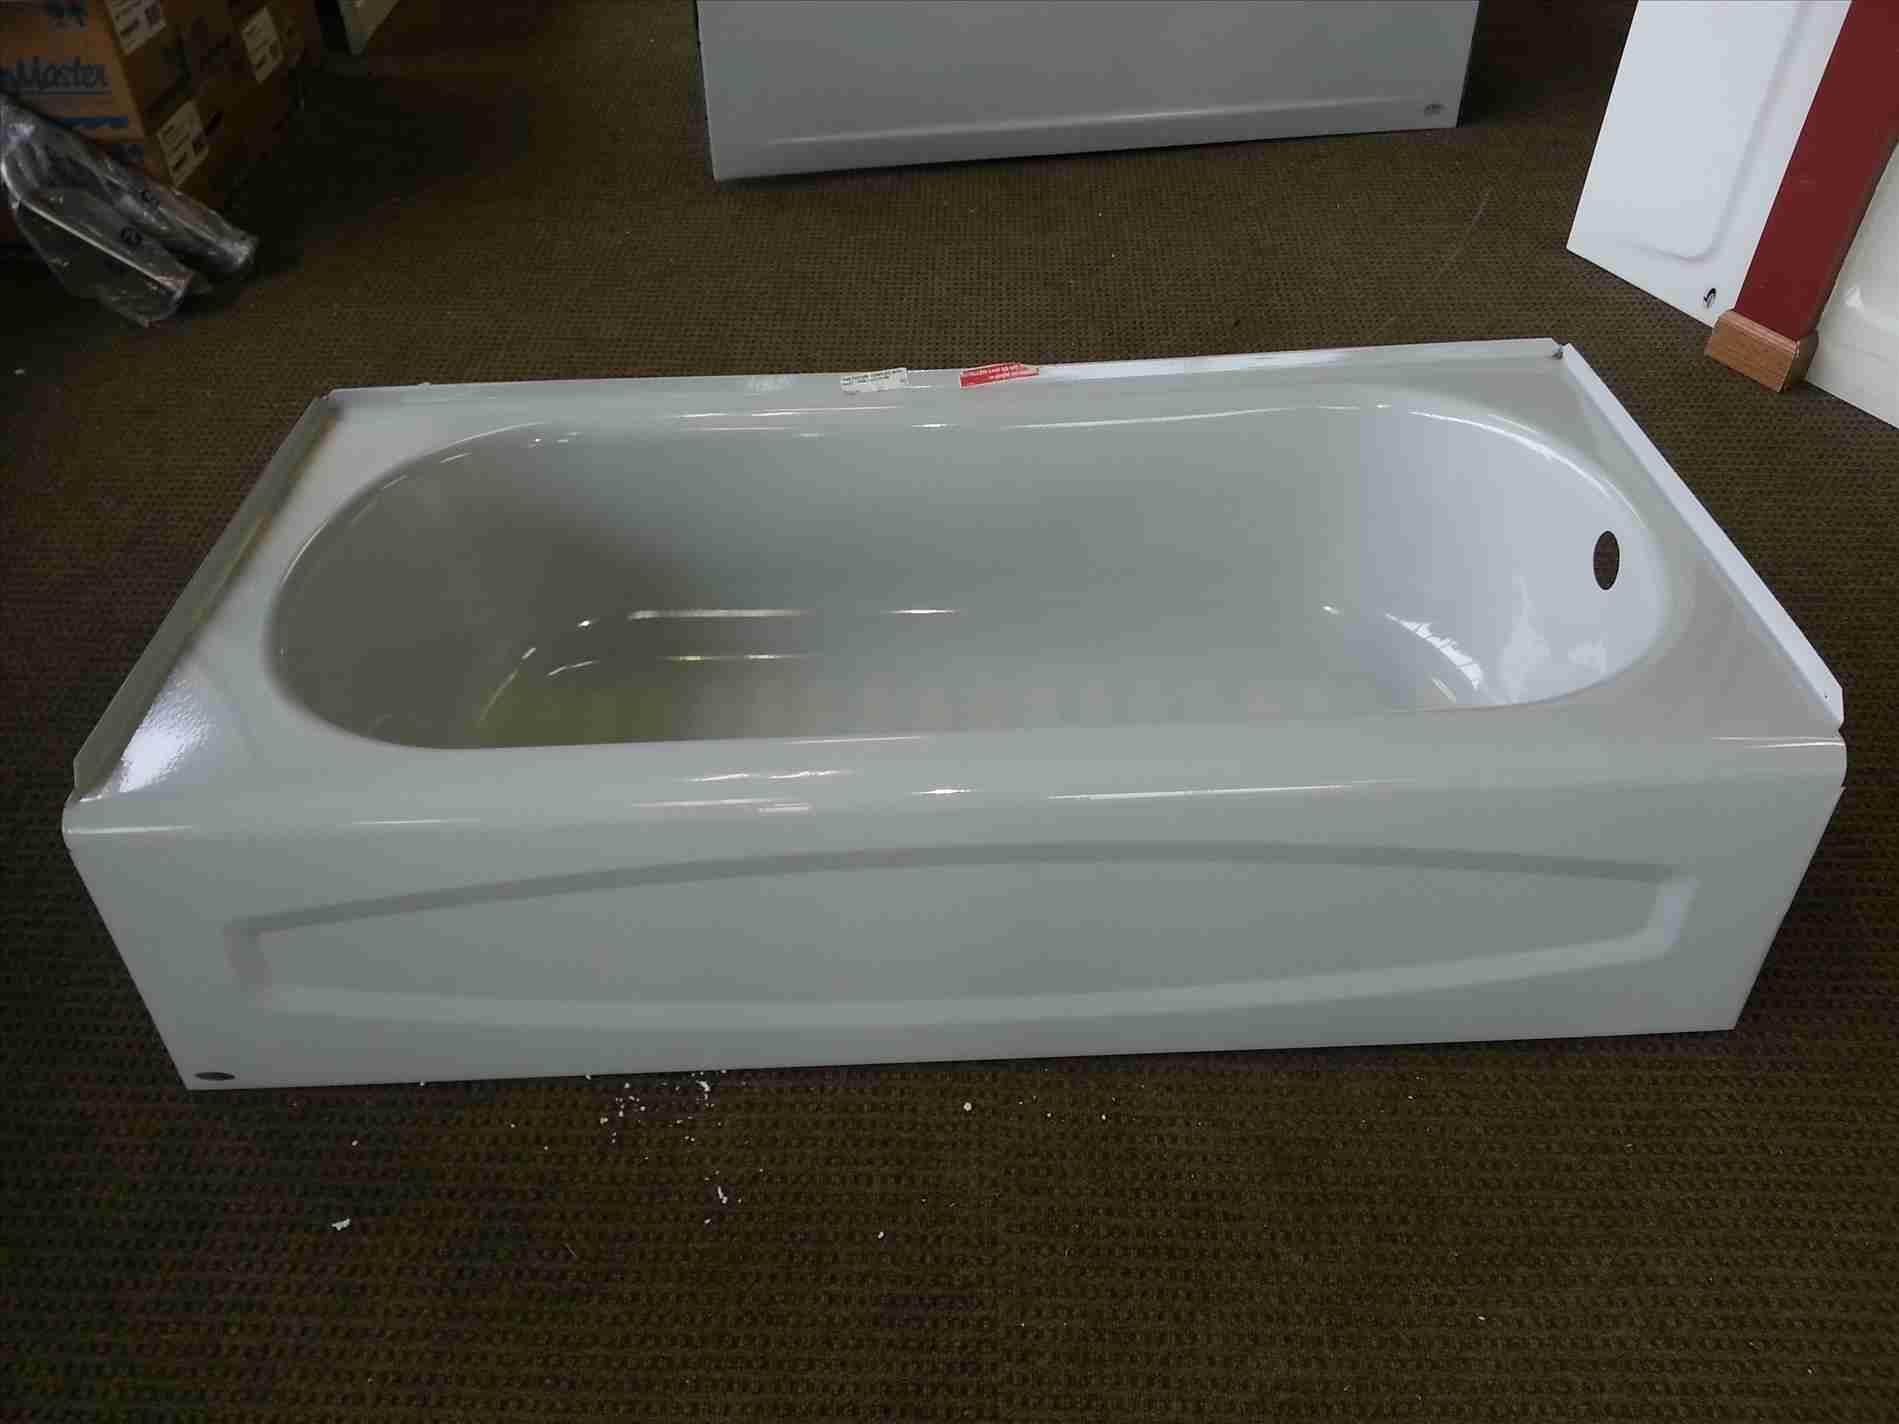 Lovely New Post Trending Bootz Bathtub Installation Visit Entermp3.info